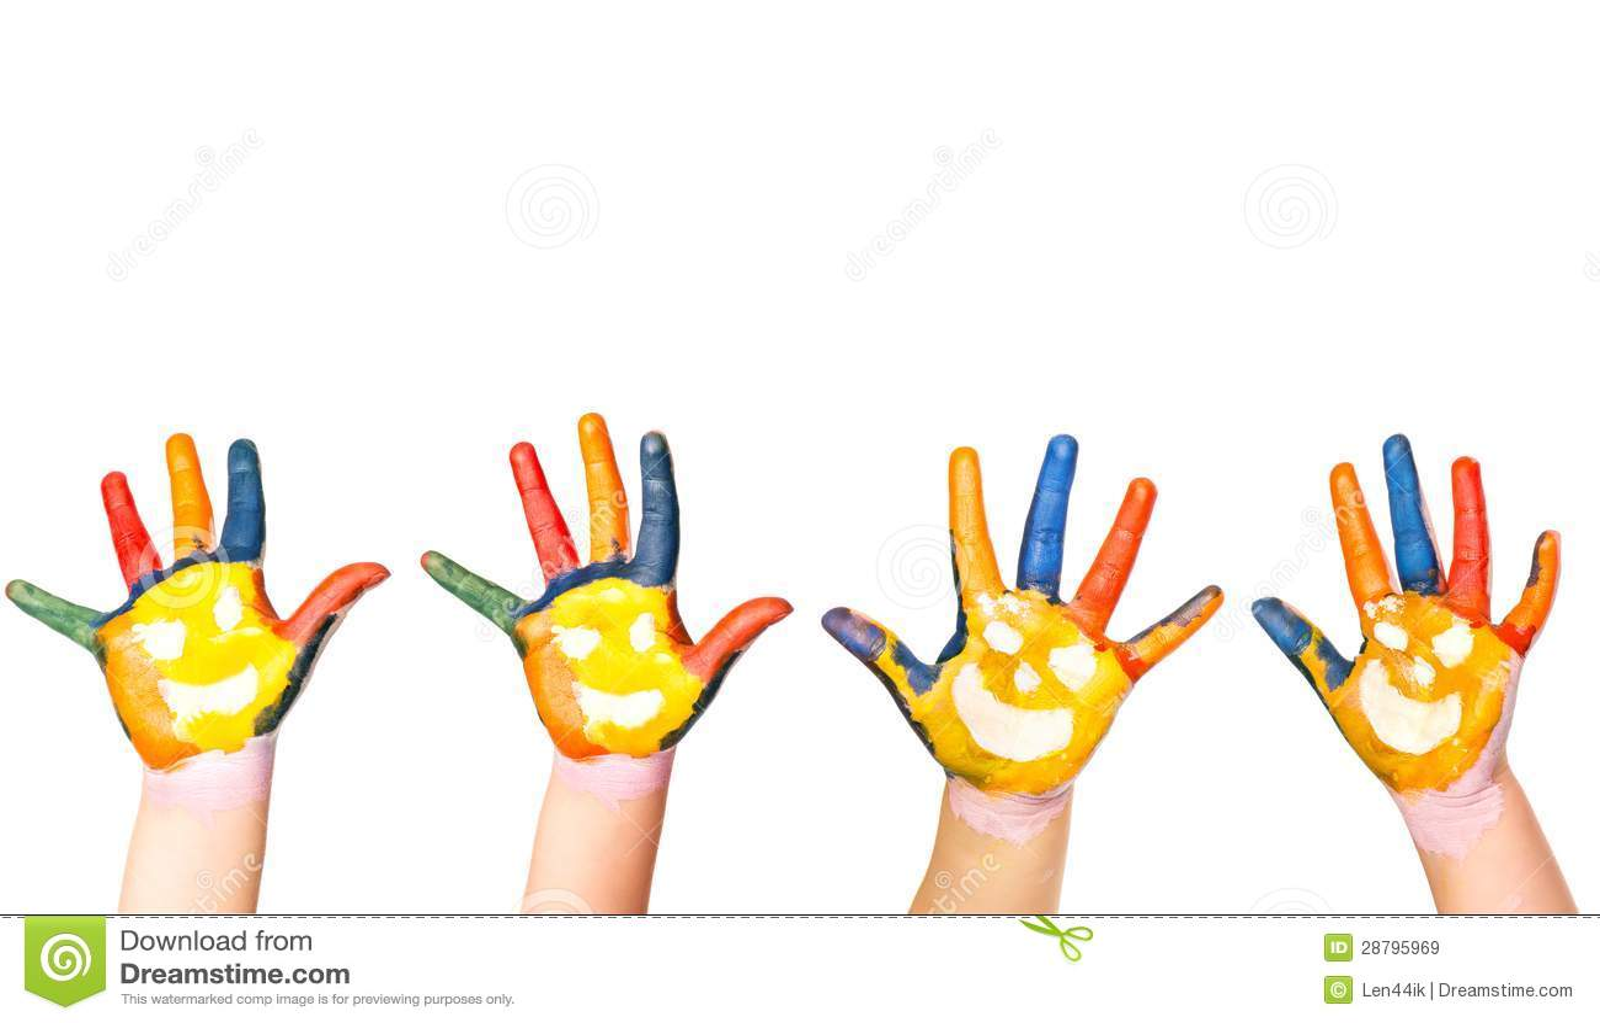 Préférence Mains D'enfants En Peinture Colorée Avec Des Sourires Images  OH34